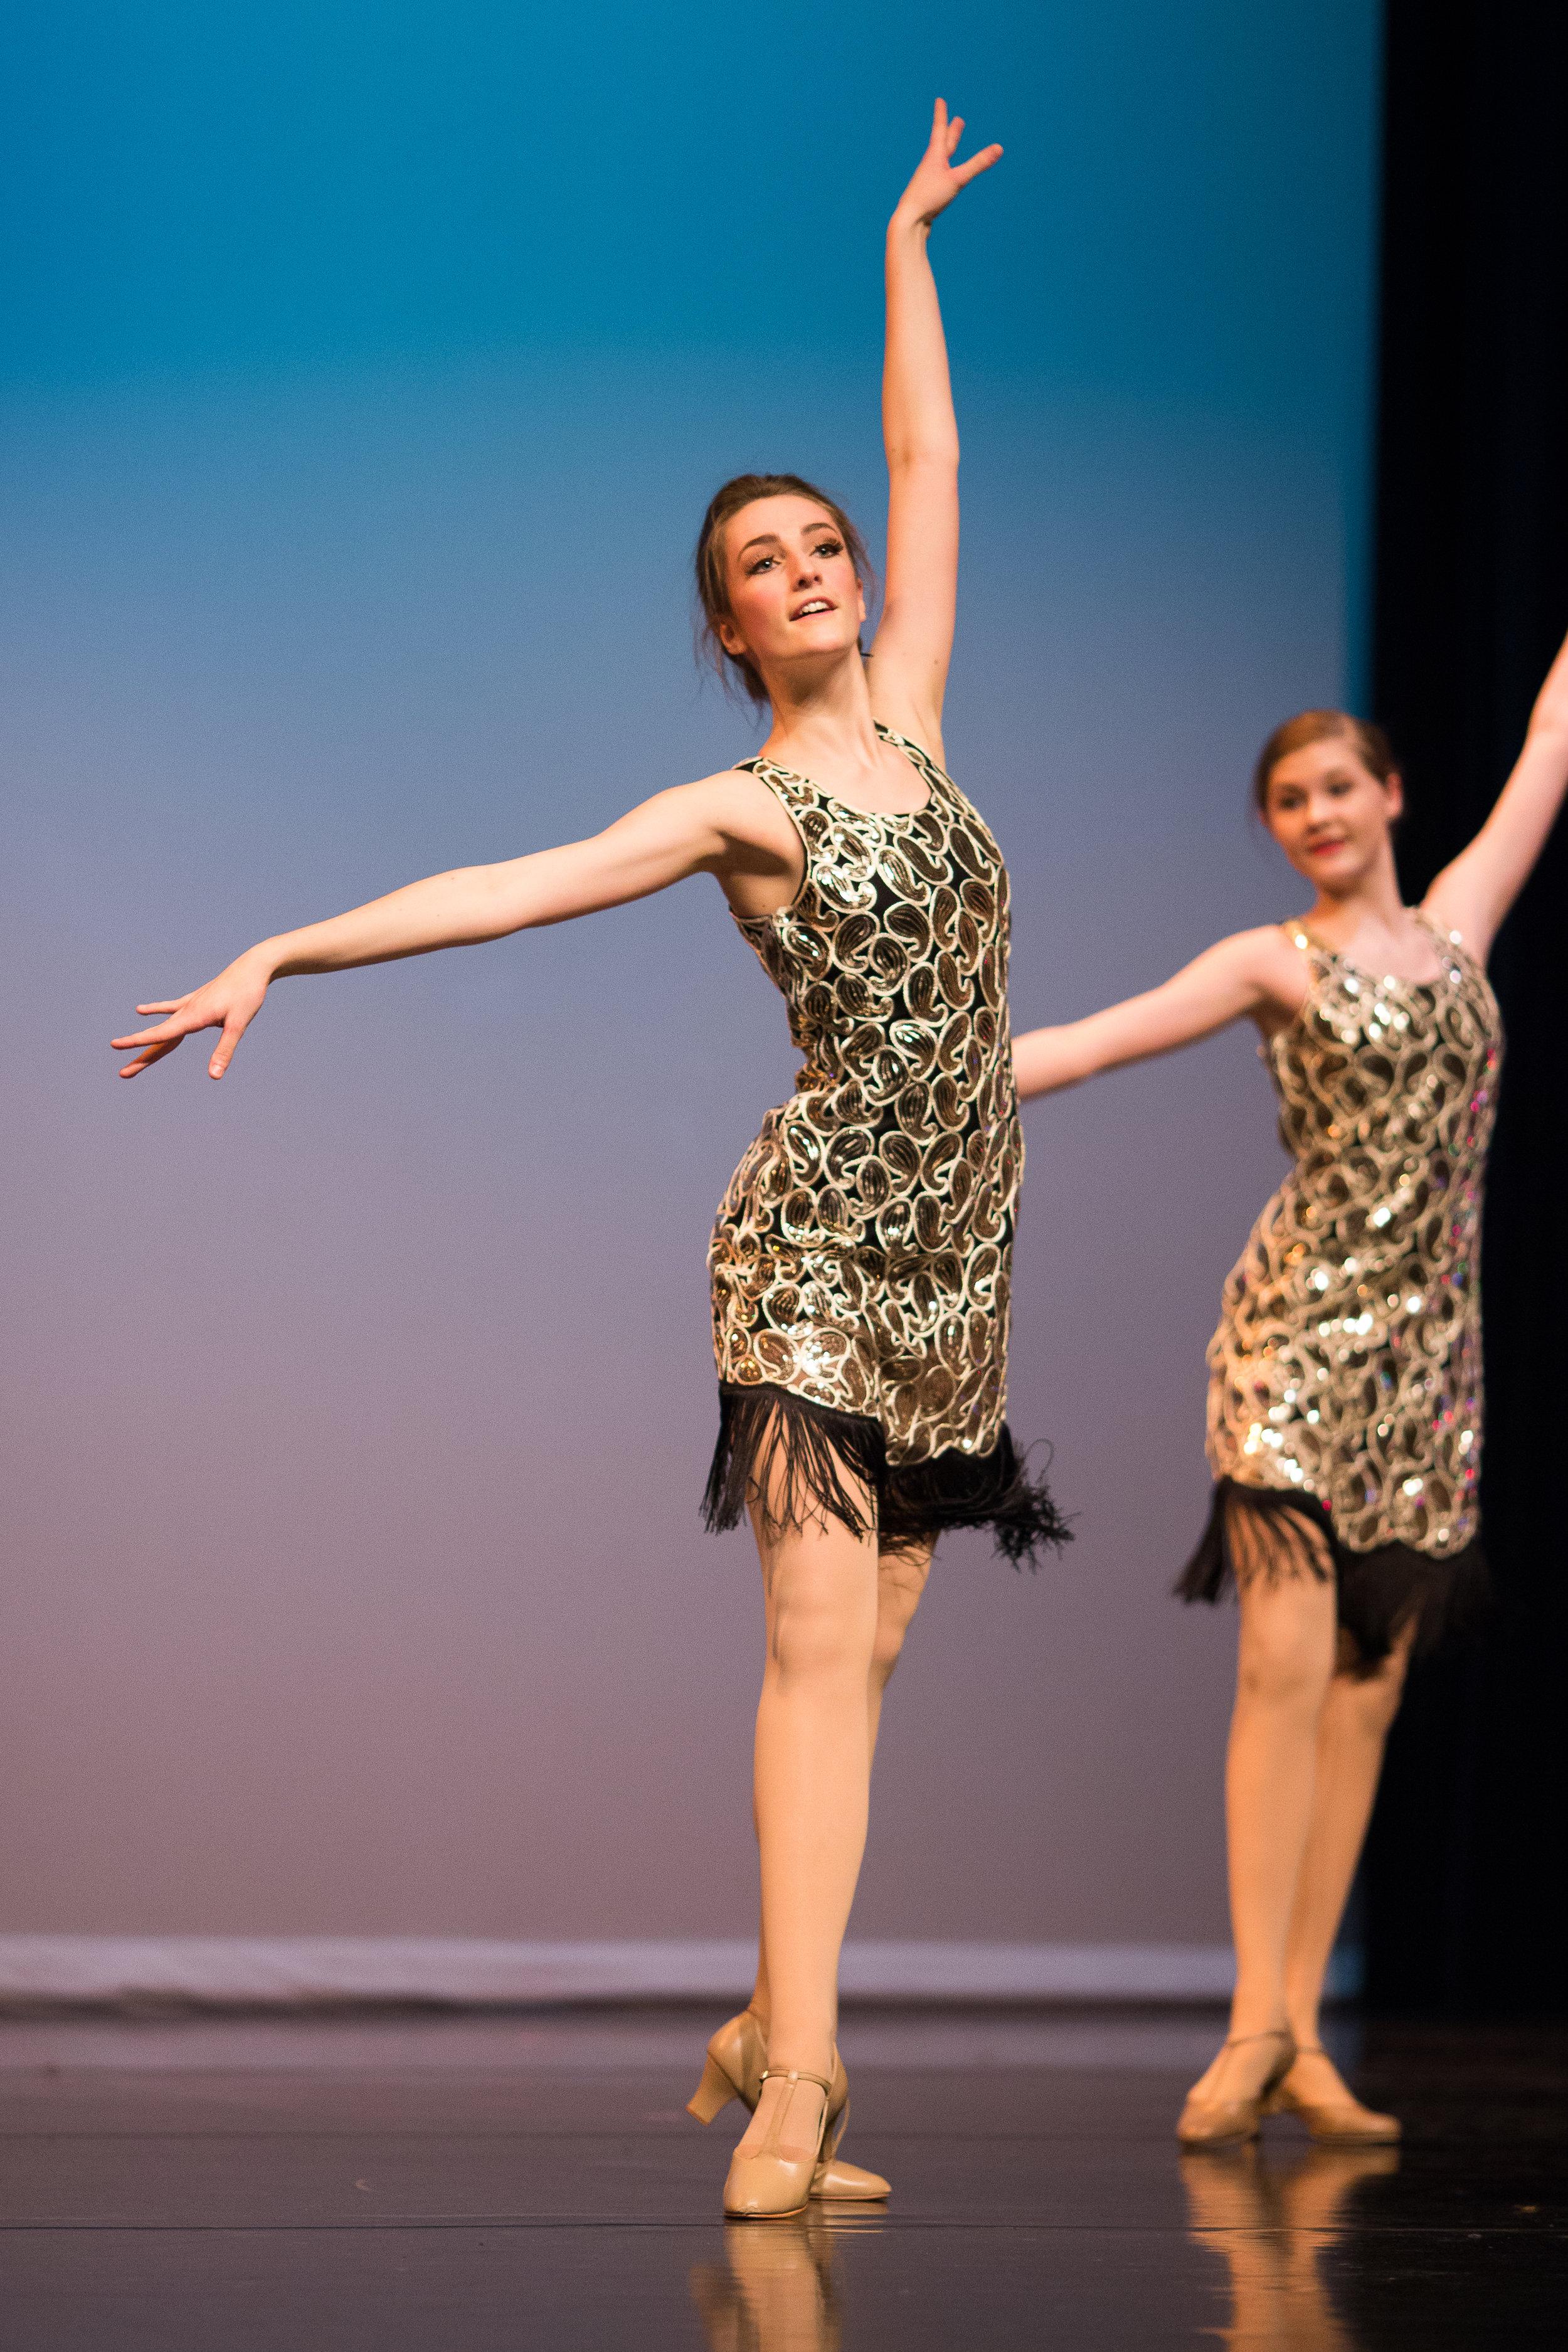 elianna-ballet-dance-show-winter-2017-1.jpg